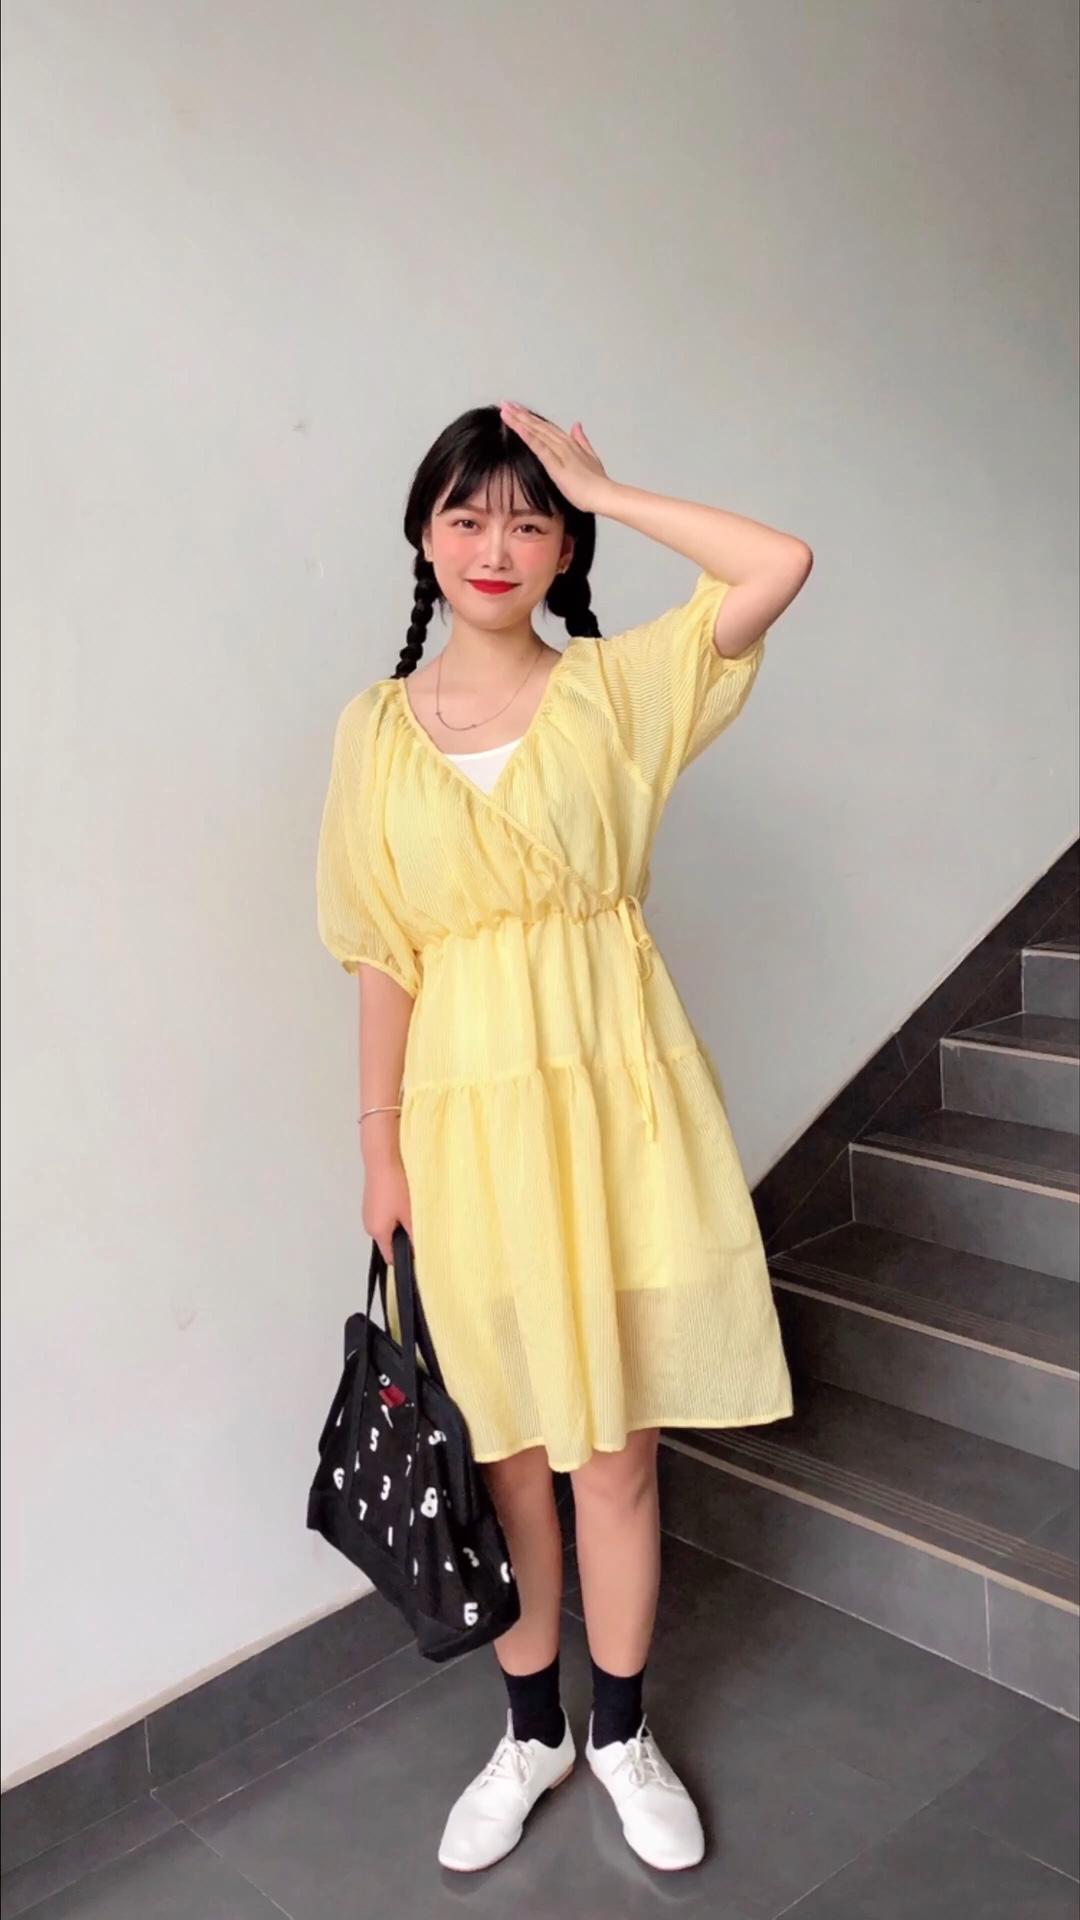 #7月穿什么?新裙裙已备好!#  超级仙气的鹅黄色纱裙🌿 这条裙子的颜色好好看嫩嫩的鹅黄色 超级显白🍦 因为裙子材质的关系 非常的飘逸 很仙气的感觉 版型是比较韩版的收腰版型  非常的可爱 重点是很遮肉肉哦🤭 鞋子搭配了白色的平底鞋  因为裙子的颜色较浅这样不会显的脚上的颜色过重!🌷